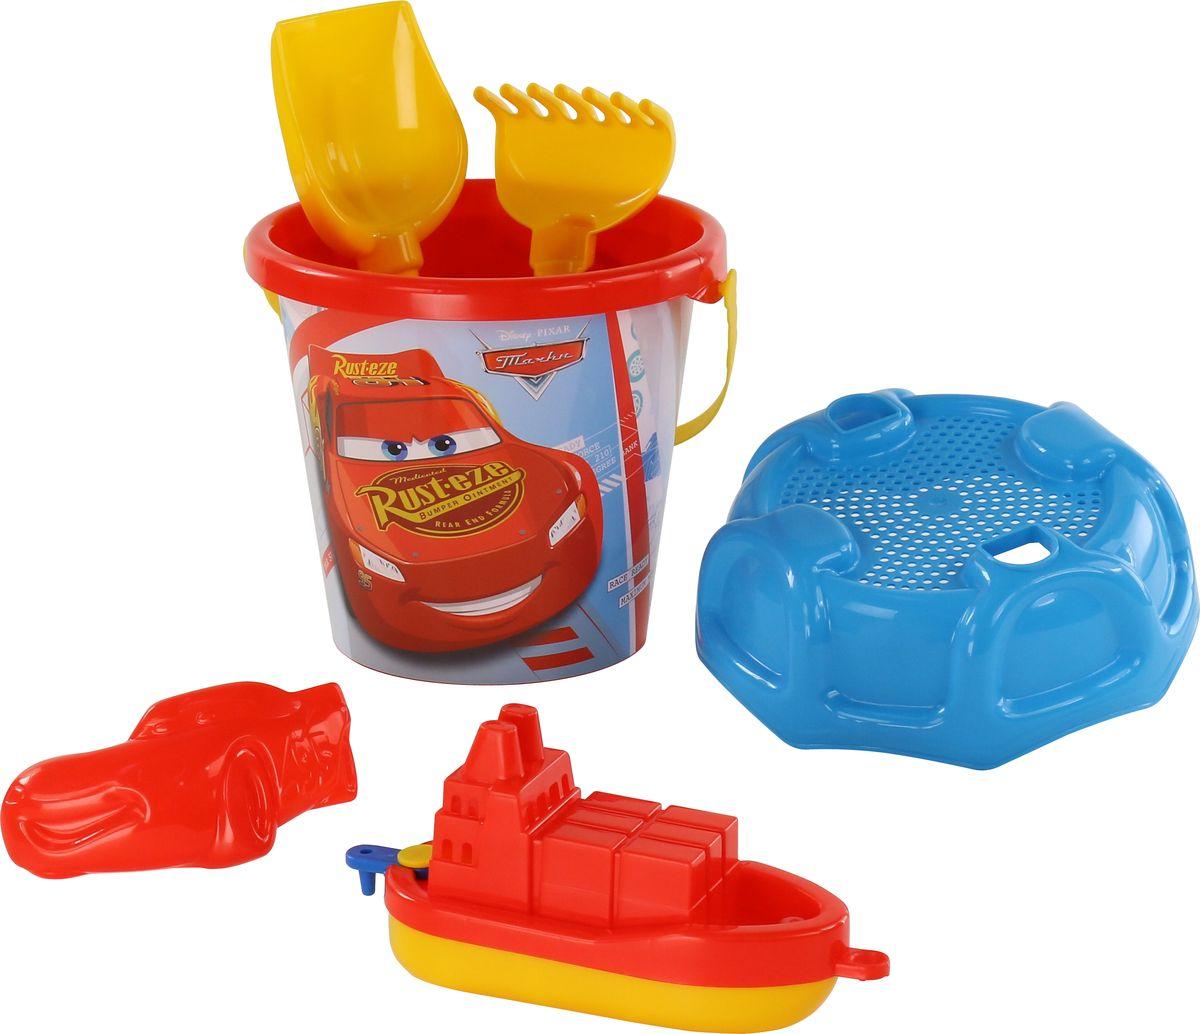 Disney / Pixar Набор игрушек для песочницы Тачки №26 disney pixar набор игрушек для песочницы тачки 18